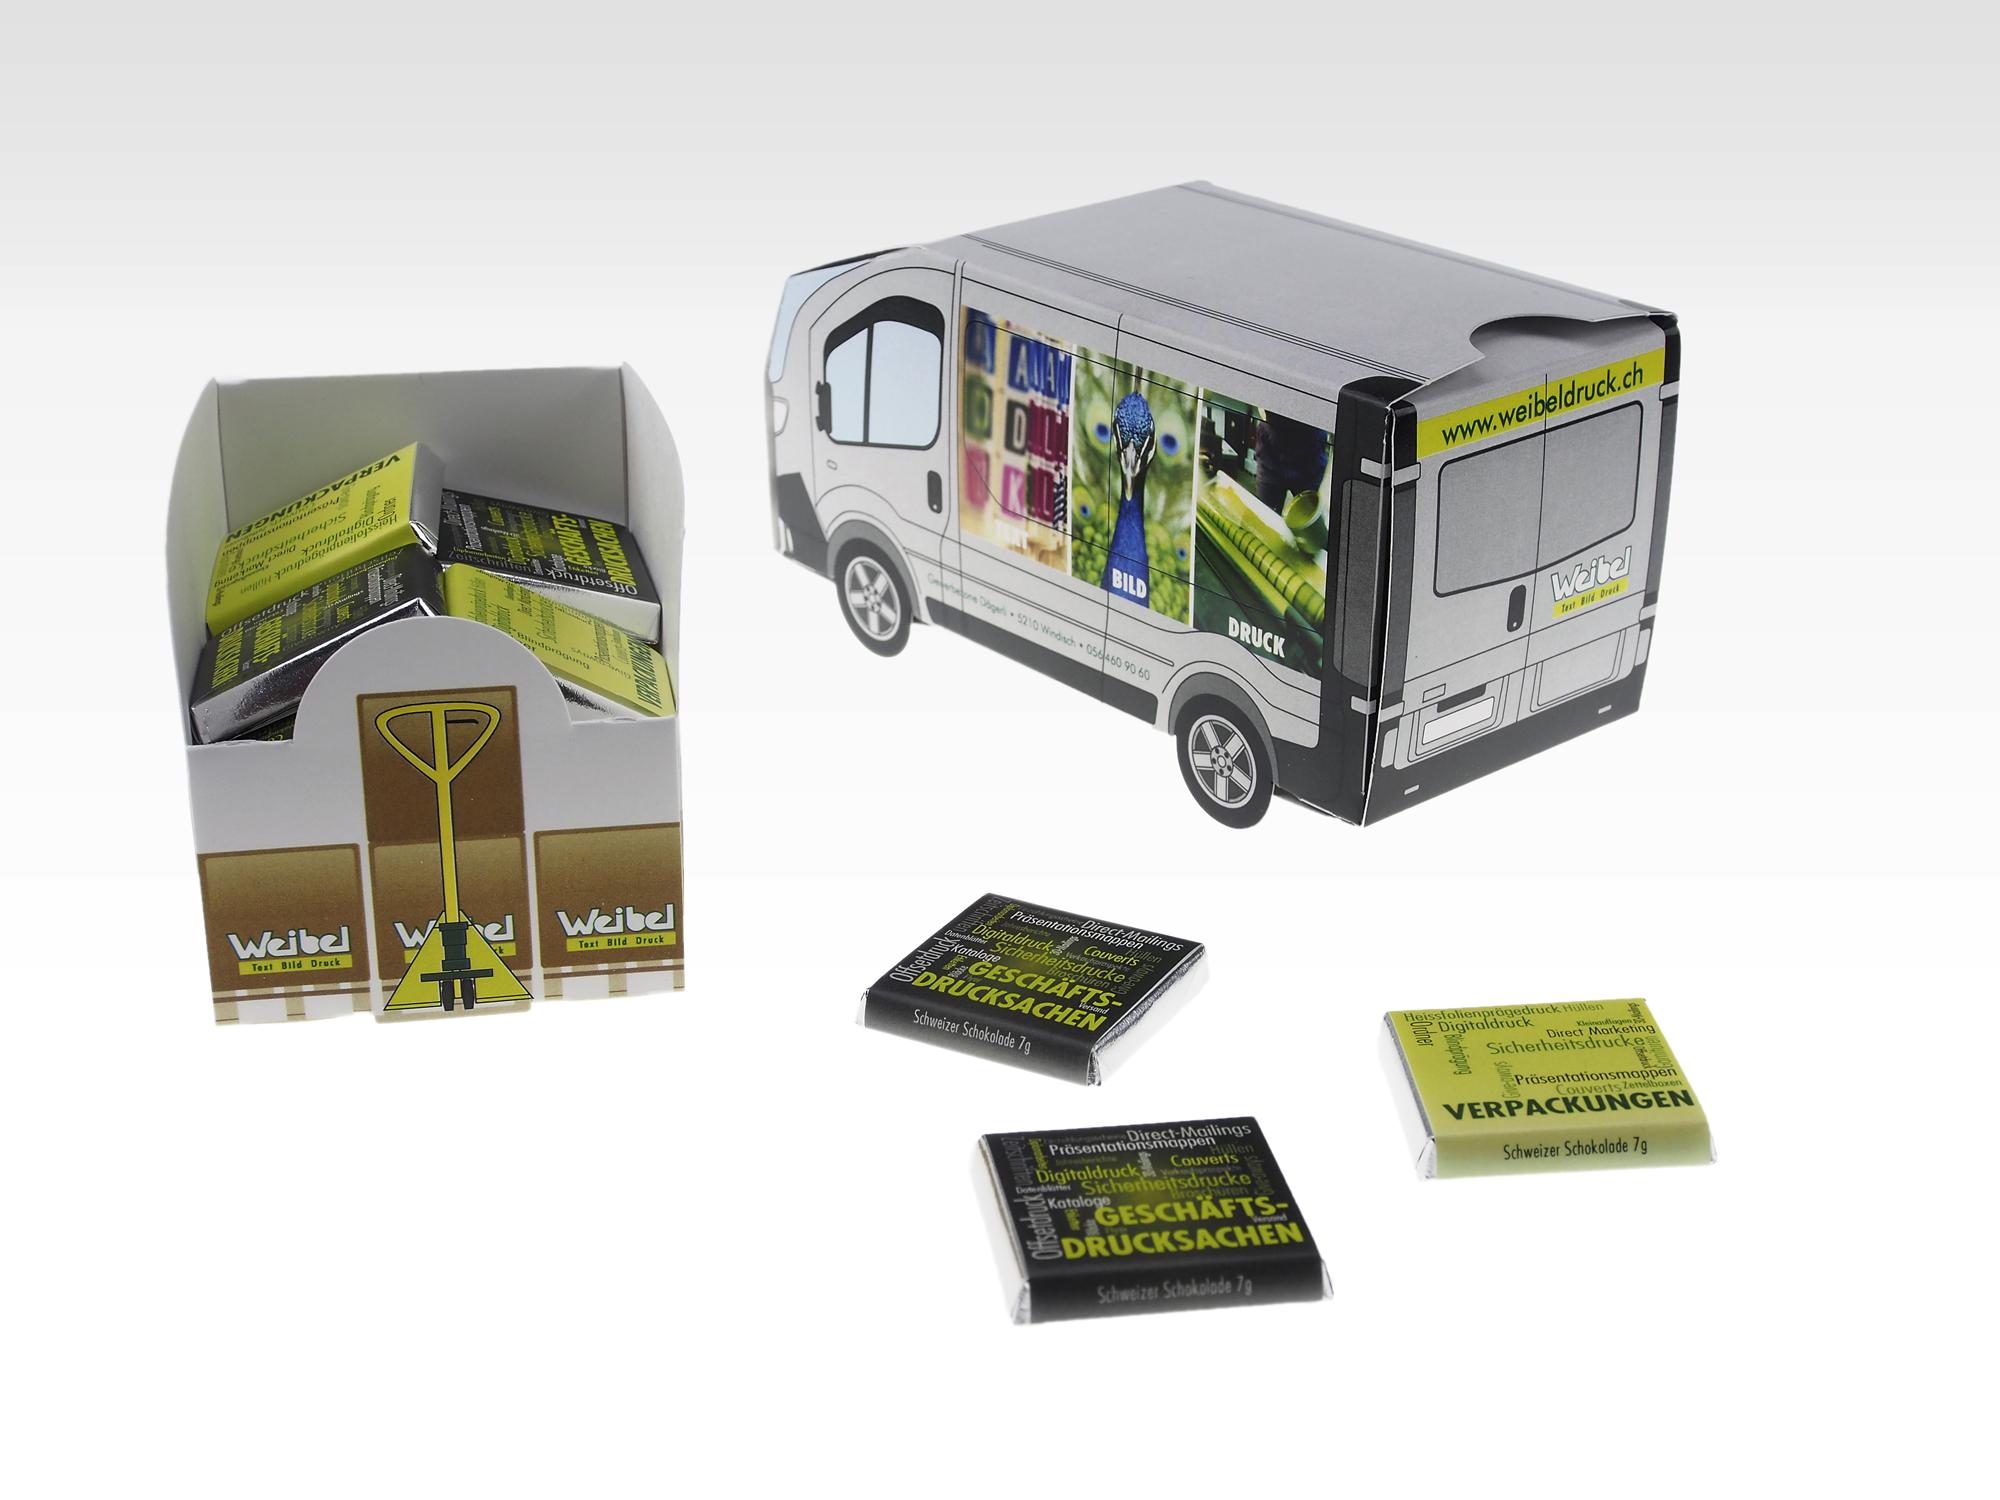 Produkteverpackungen_LKW_2000px